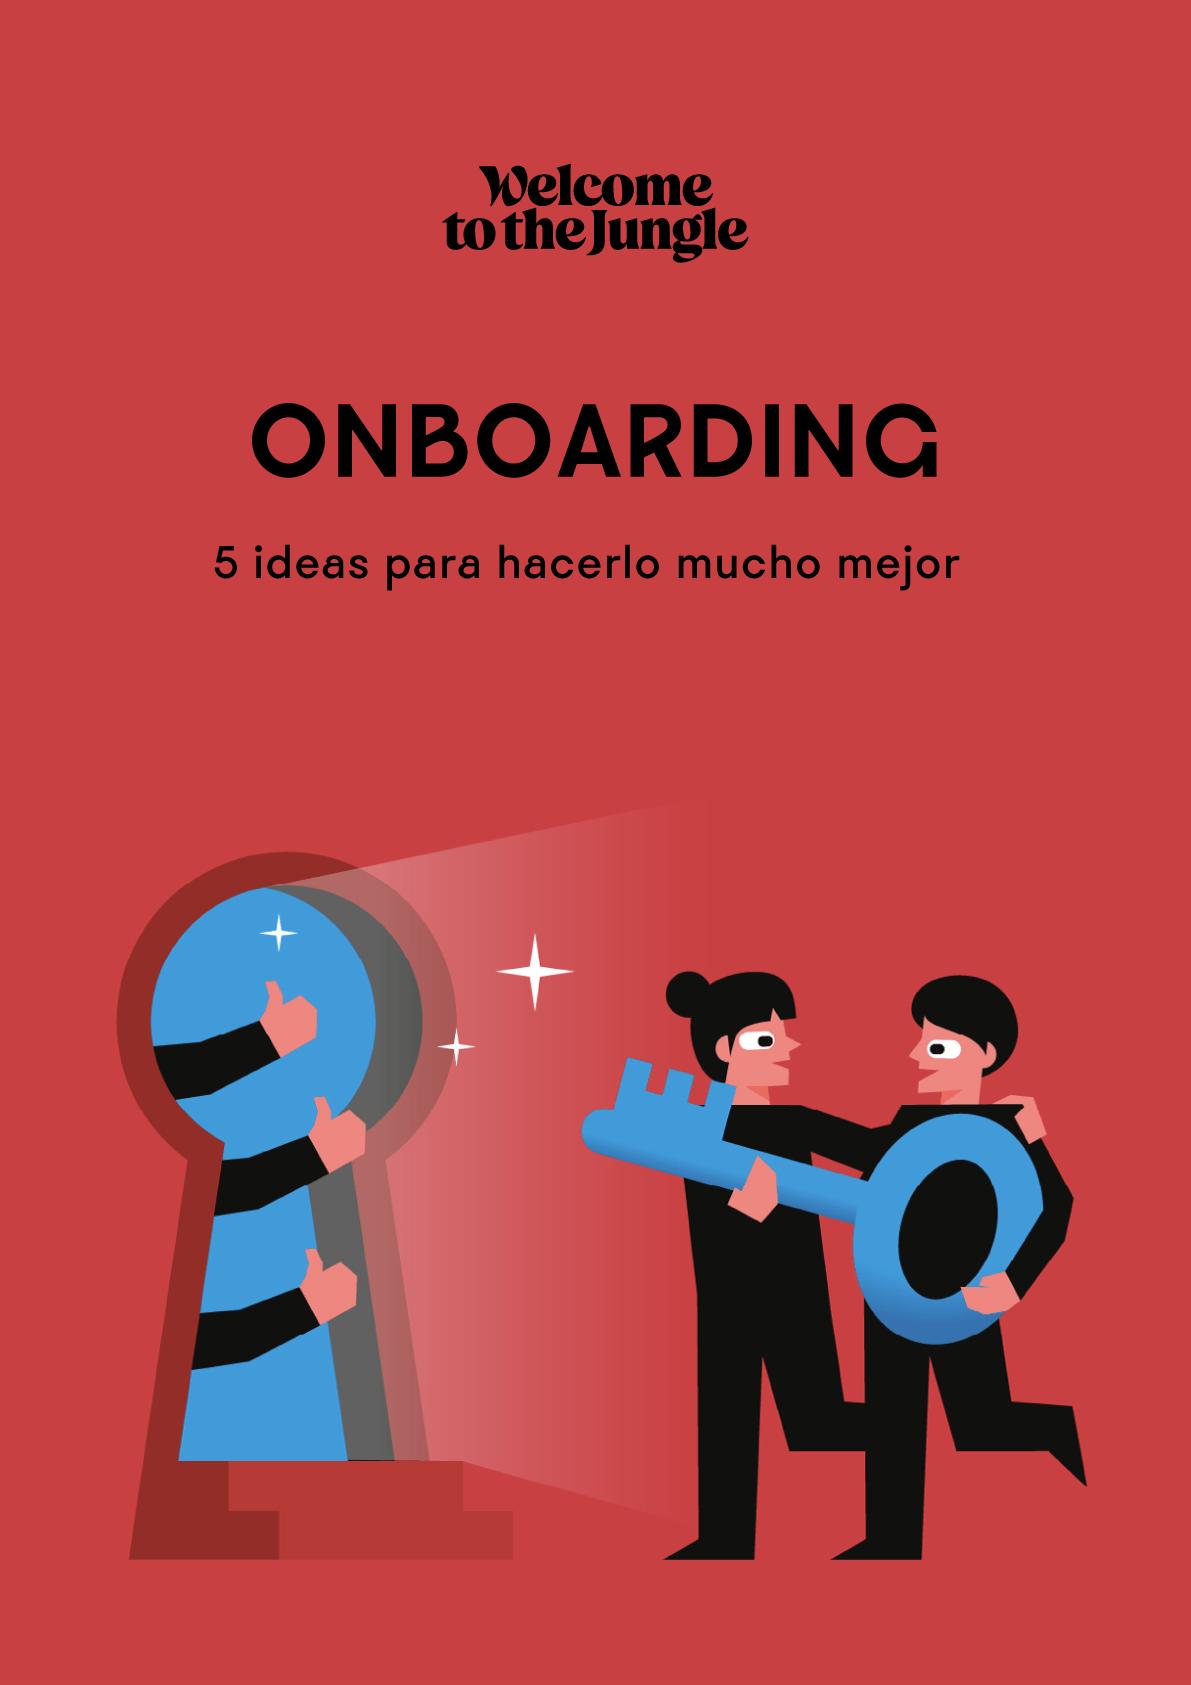 Onboarding: 5 ideas para hacerlo mucho mejor